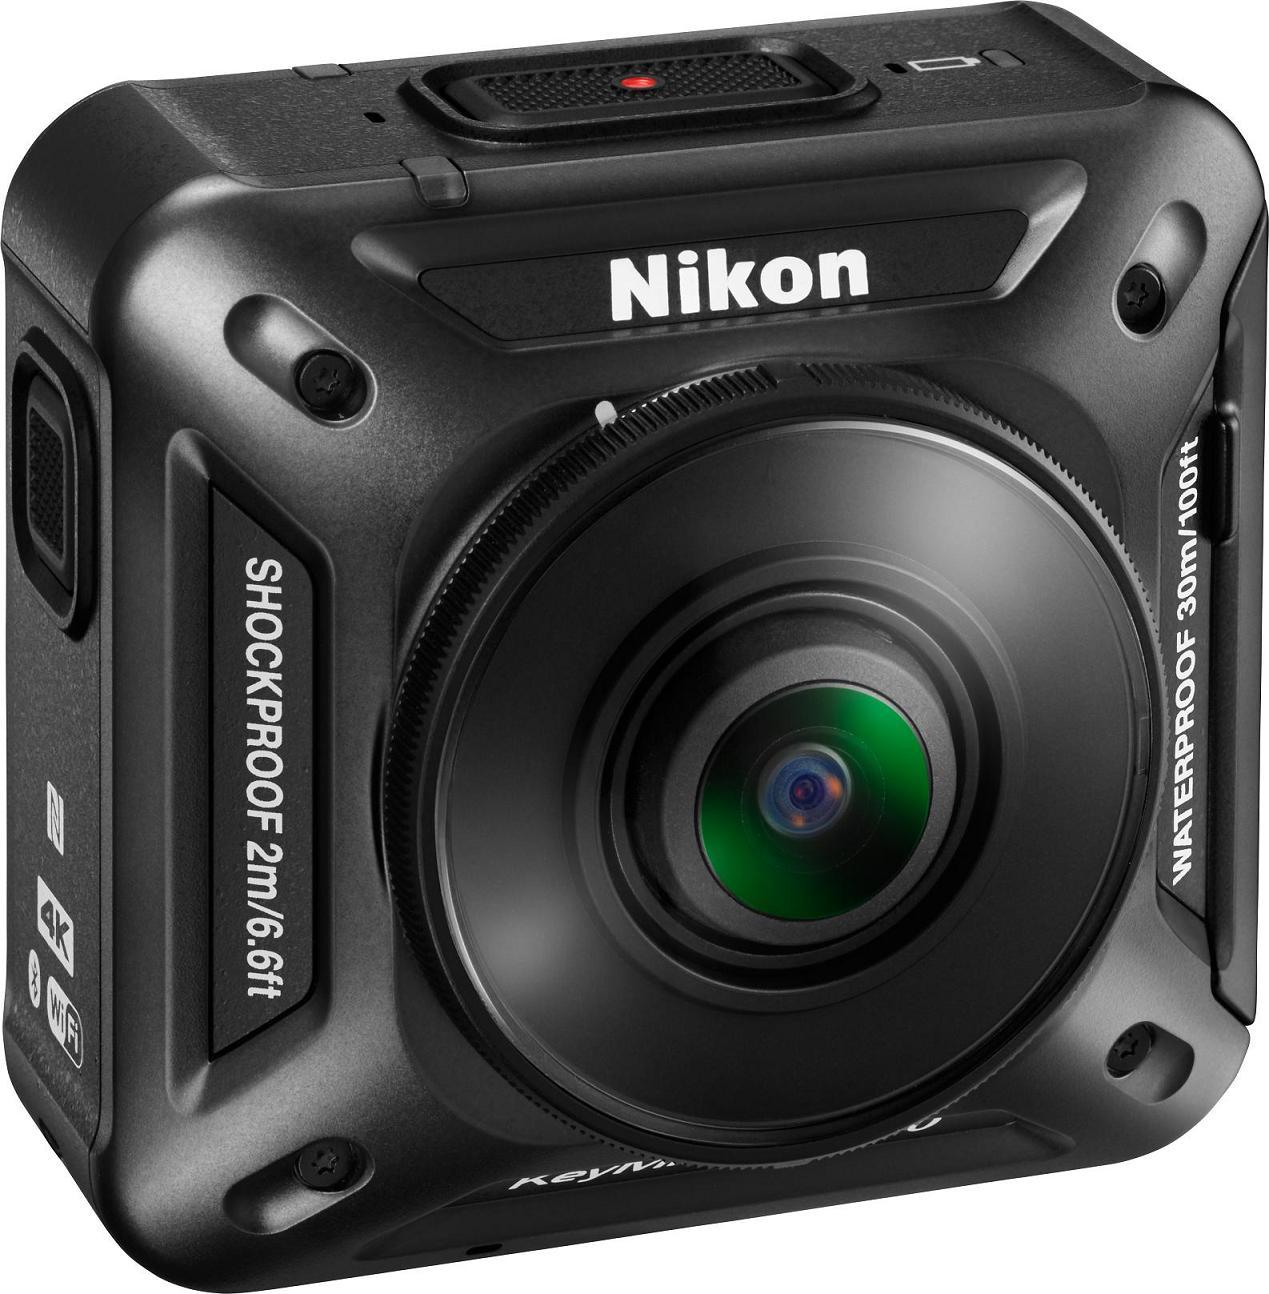 Nikon entra nel mondo delle action cam con un modello a 360° (in tutti i sensi) (foto e video)